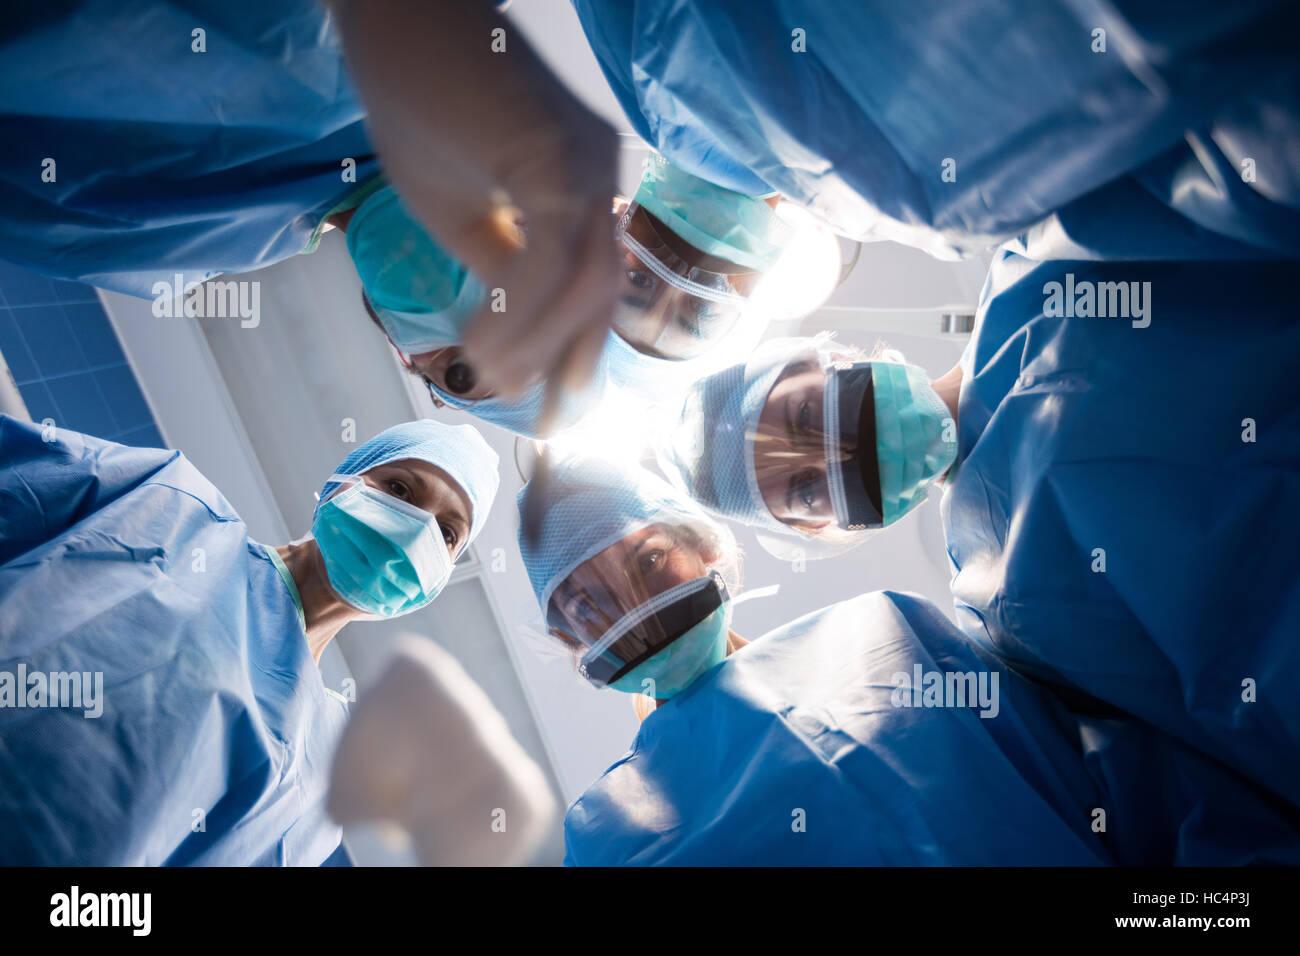 Groupe de chirurgiens à la caméra en fonctionnement à prix Banque D'Images